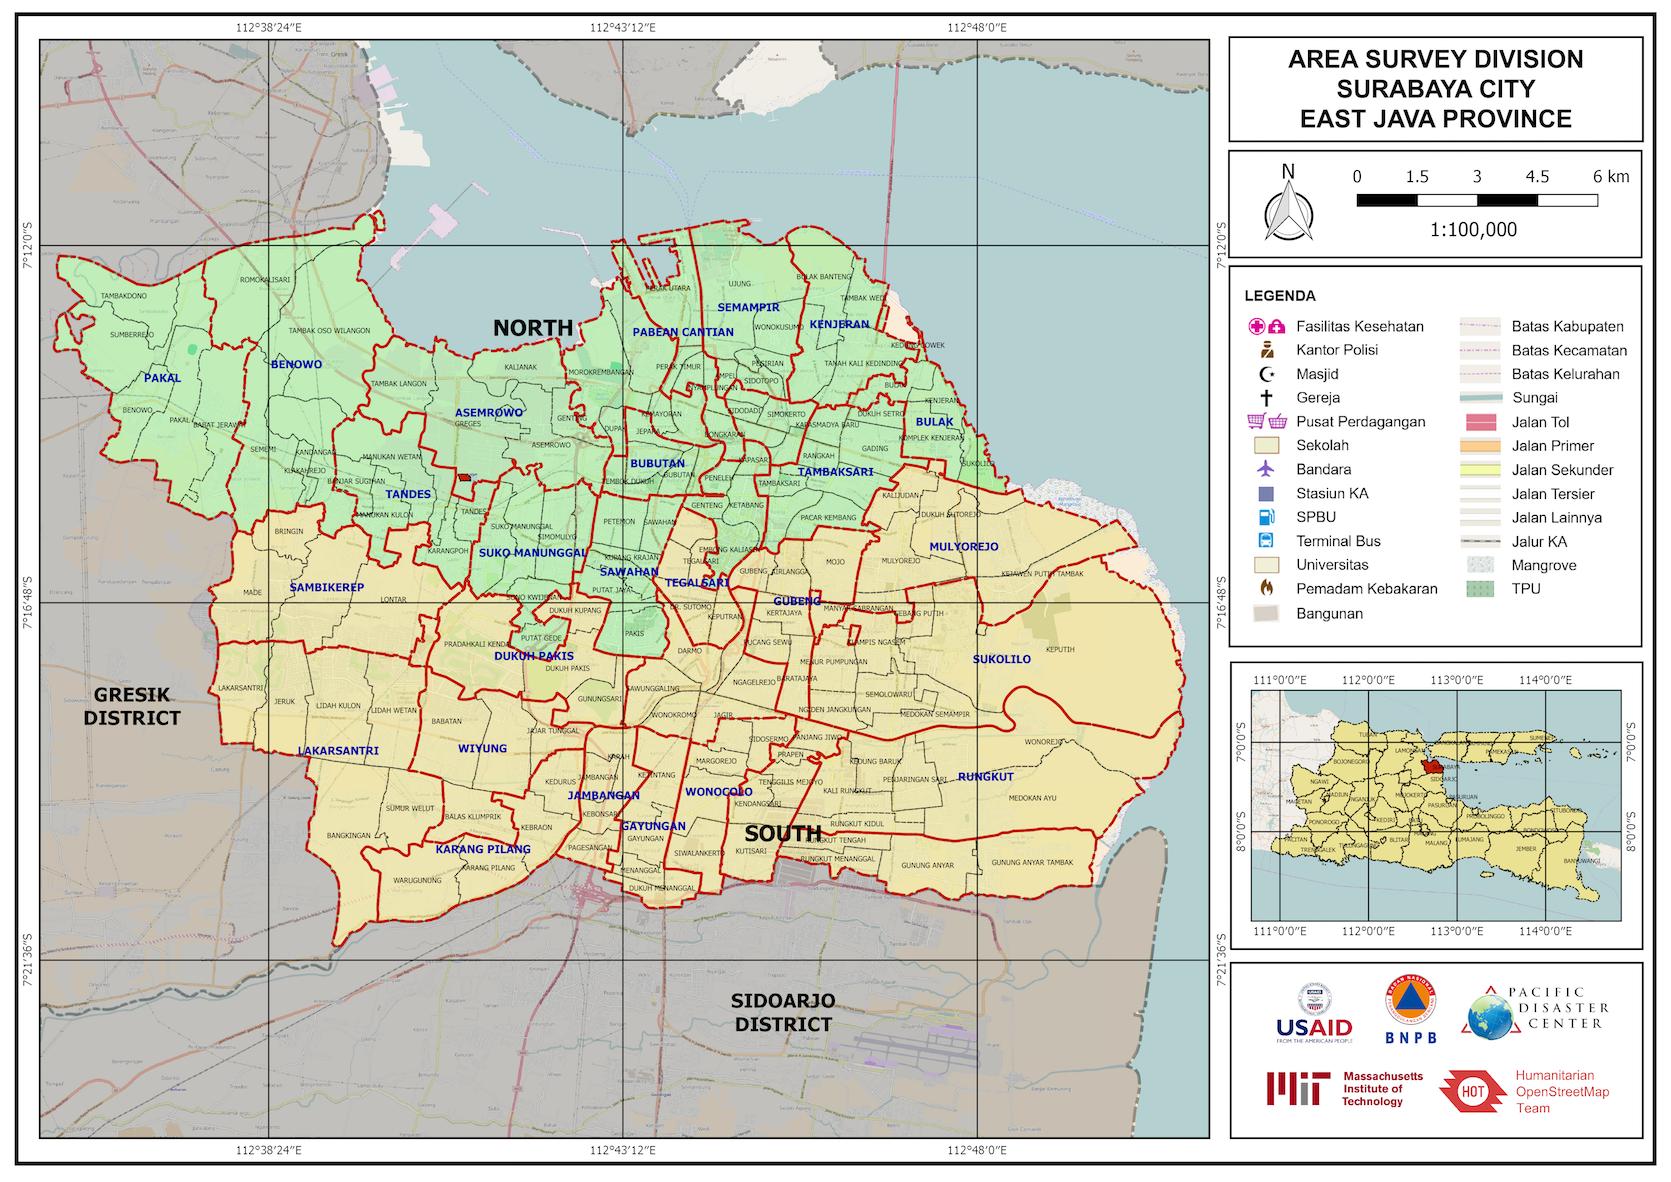 area survey division